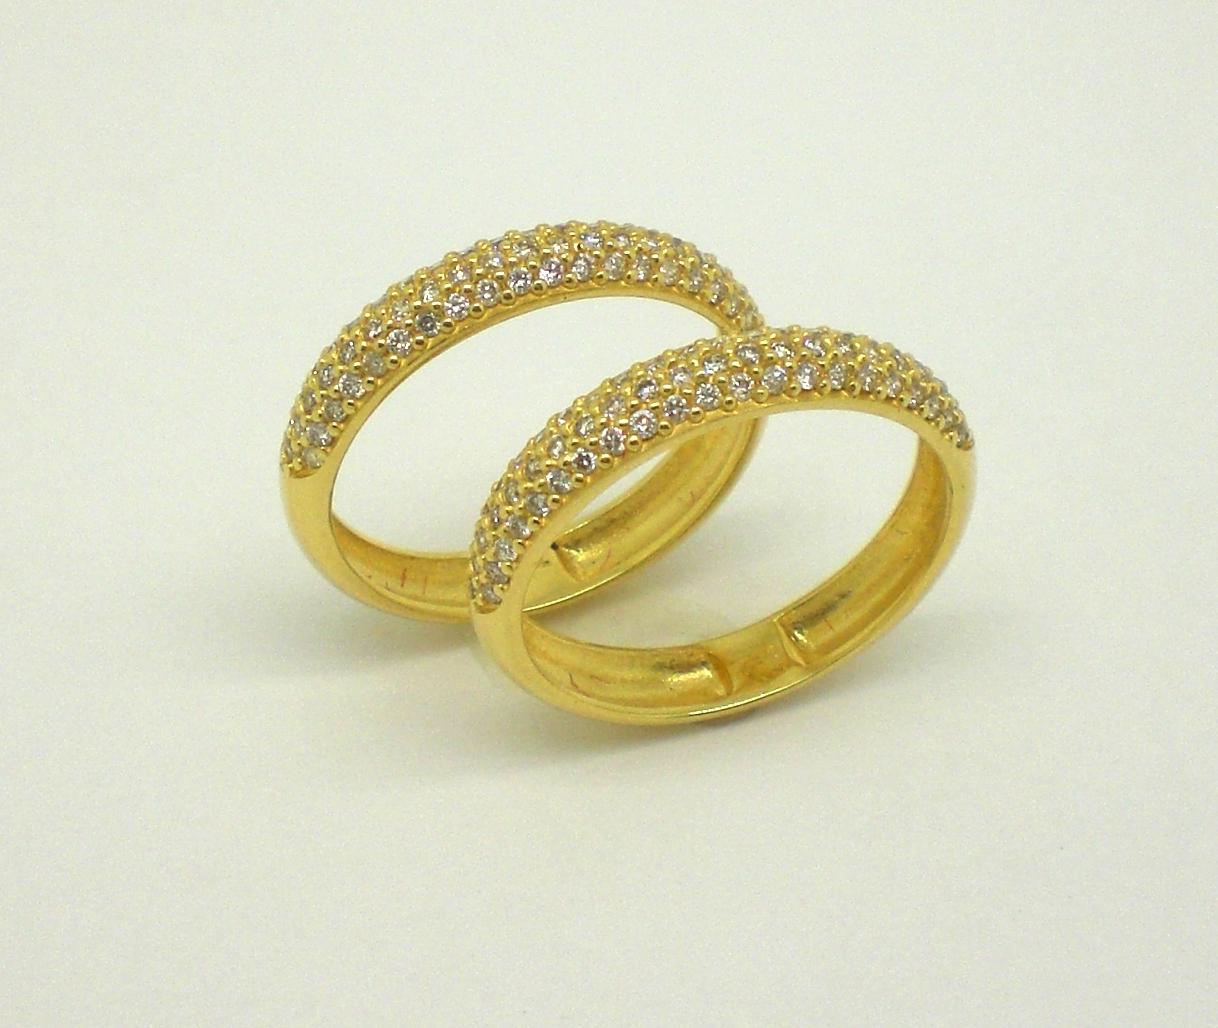 Aparador Vermelho Etna ~ Aparadores de Aliança Diamantes em Ouro Amarelo  18k 750 Marcio Joalheiros Marcio 5c80d2dae7